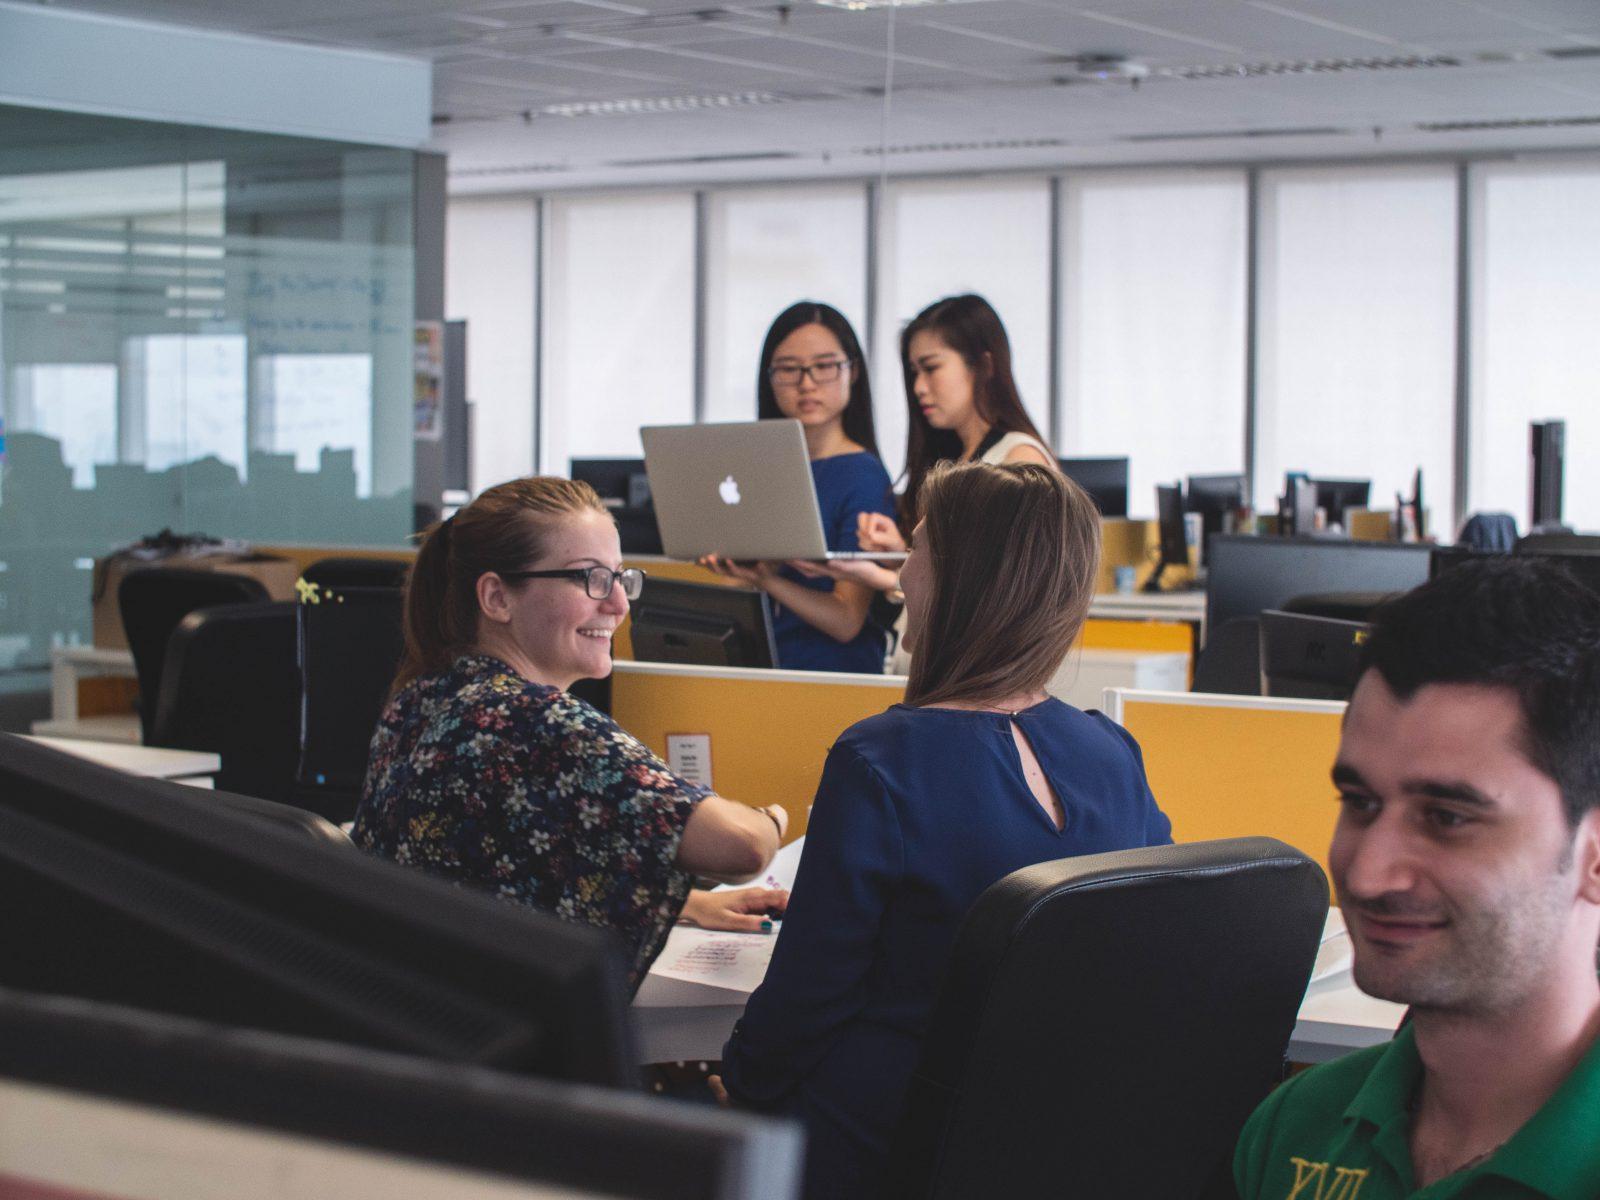 Rozwój firmy możliwy dzięki dobrej płynności finansowej